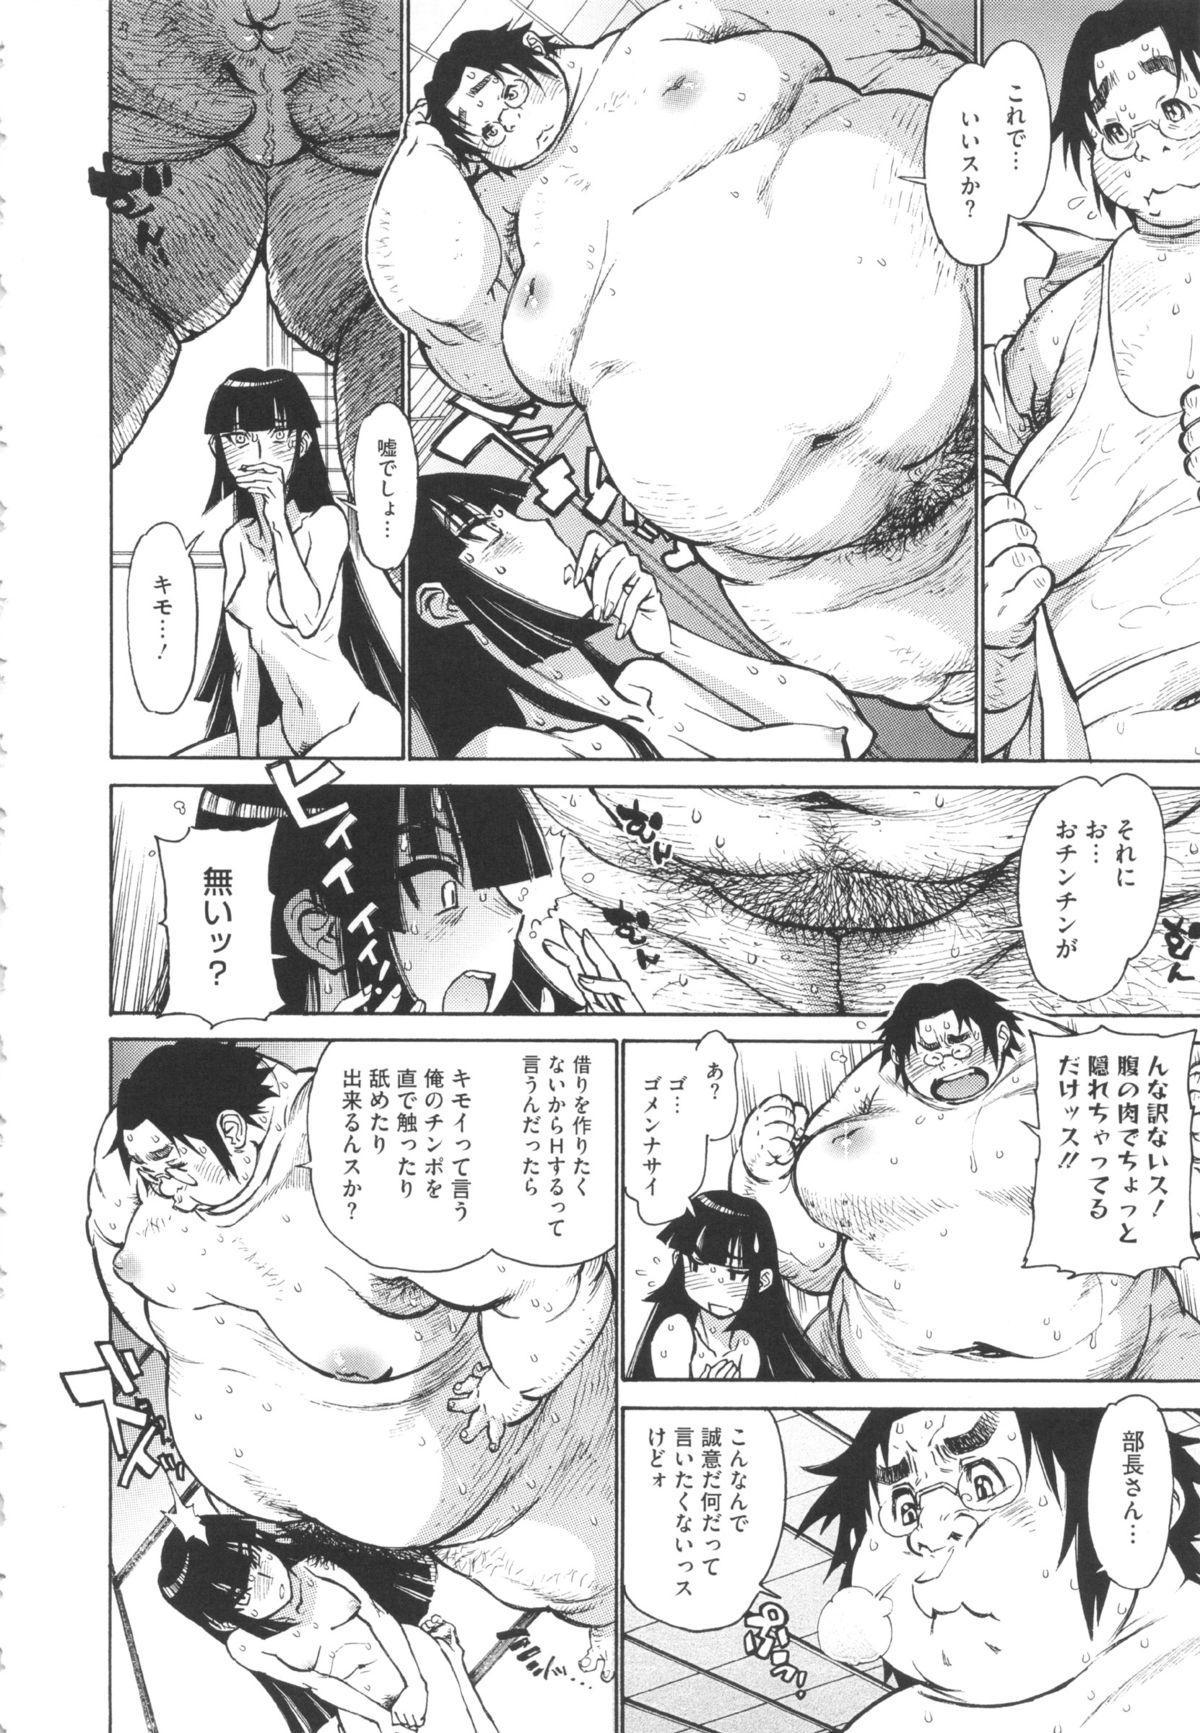 FAT BOY FAIRYTALE 37